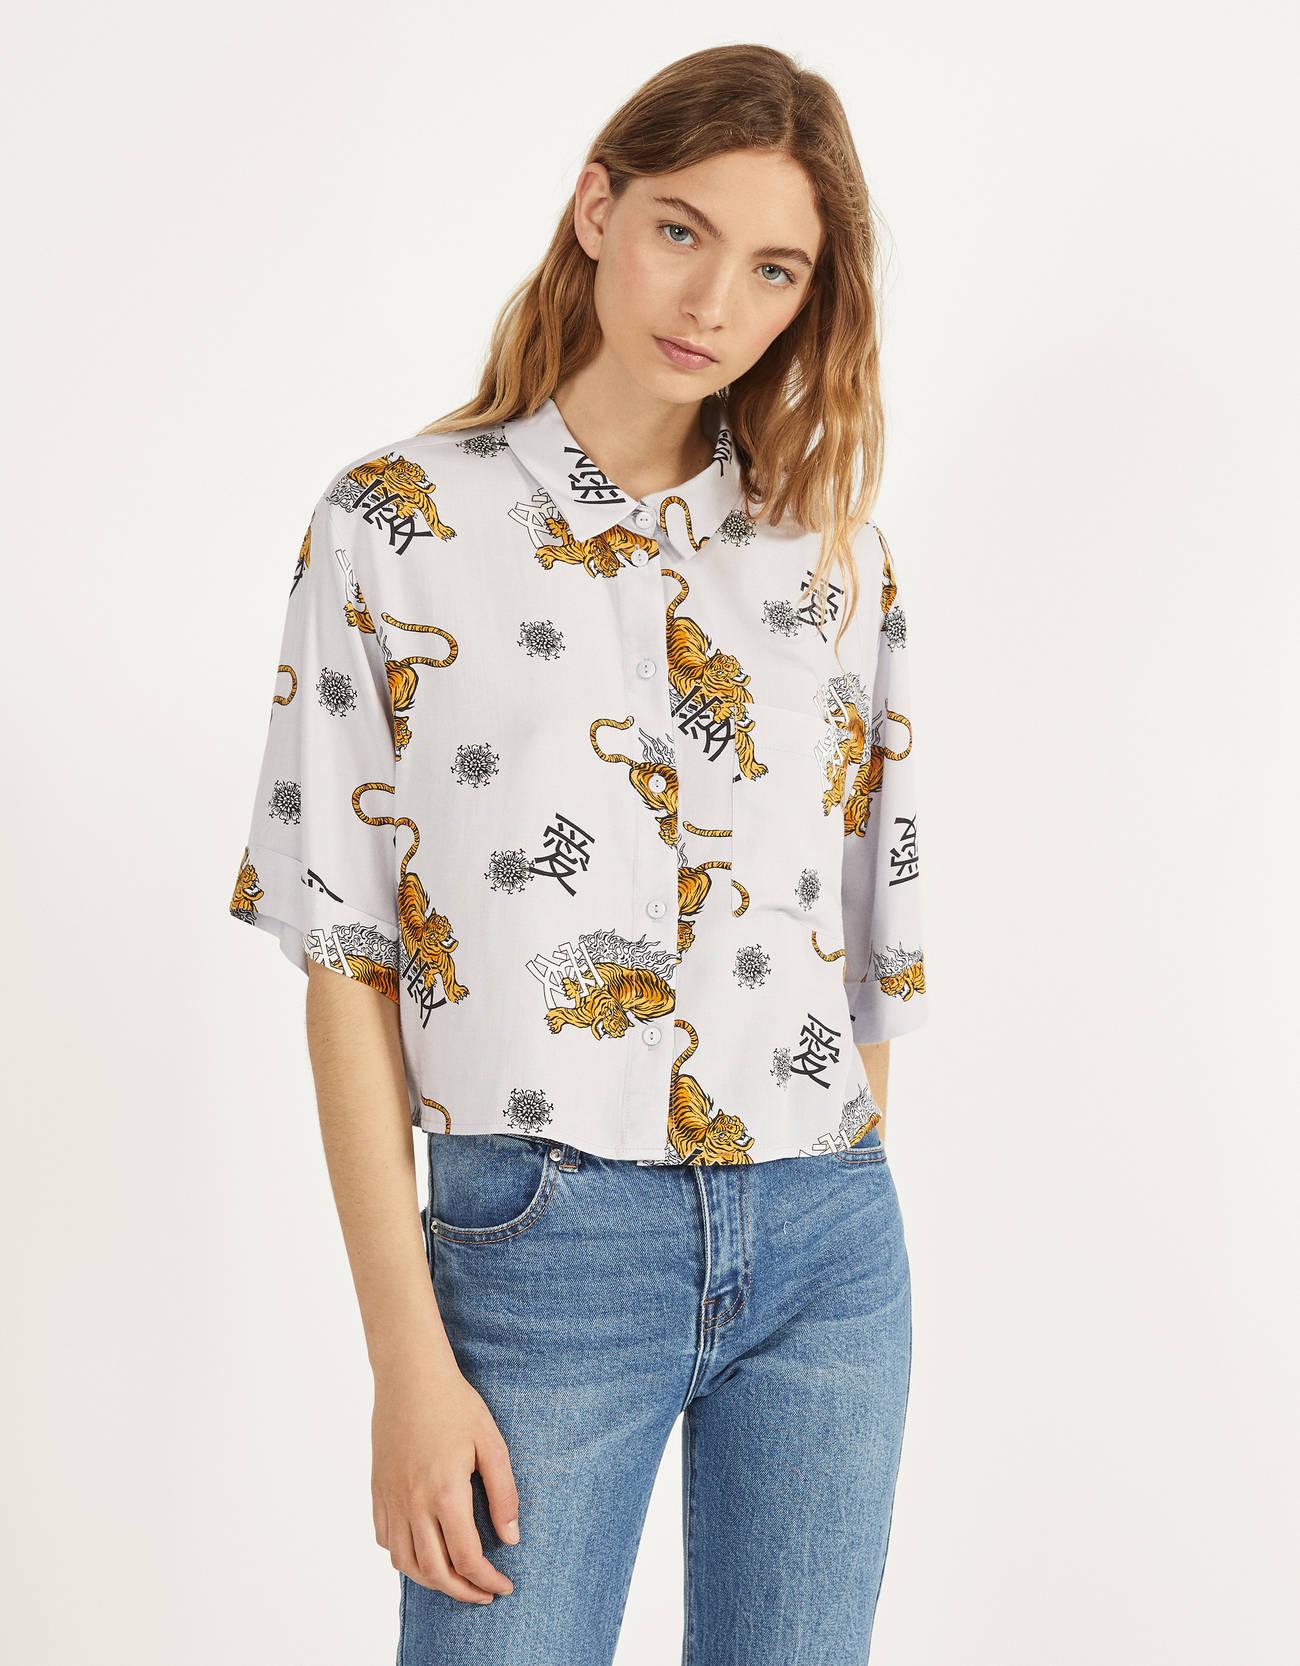 Camisa con estampado con aires asiáticos